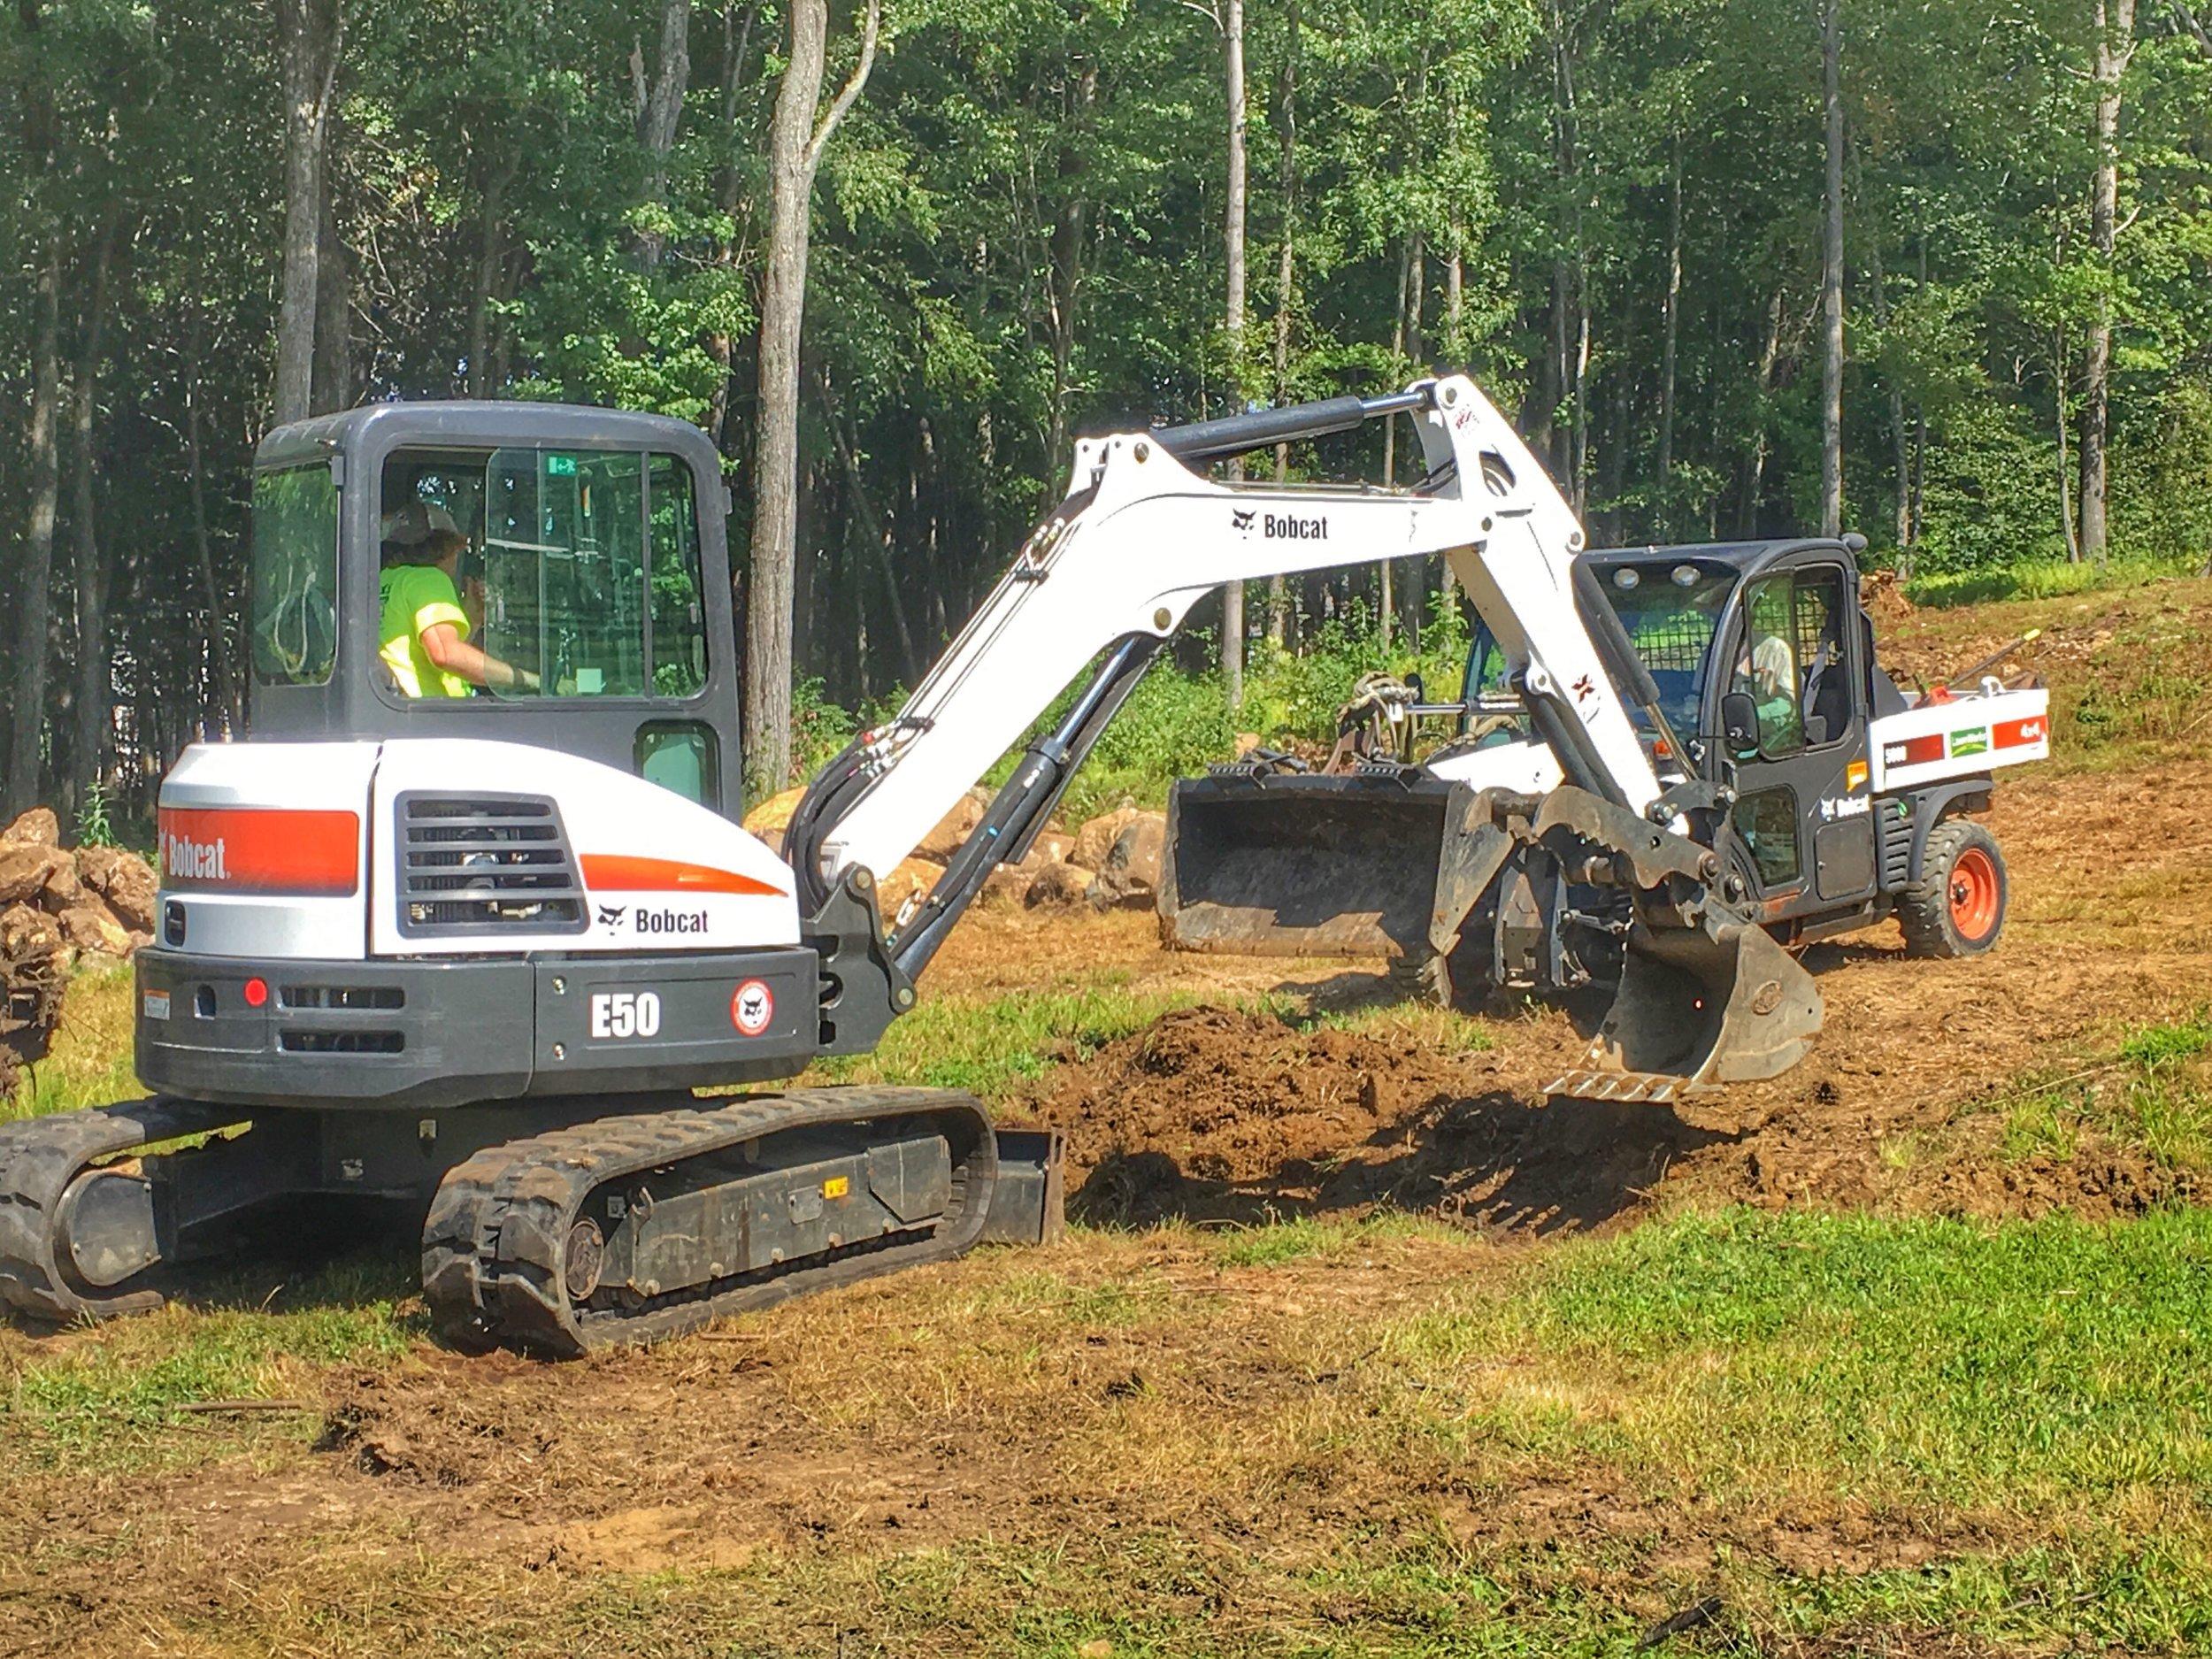 Escavator.jpeg